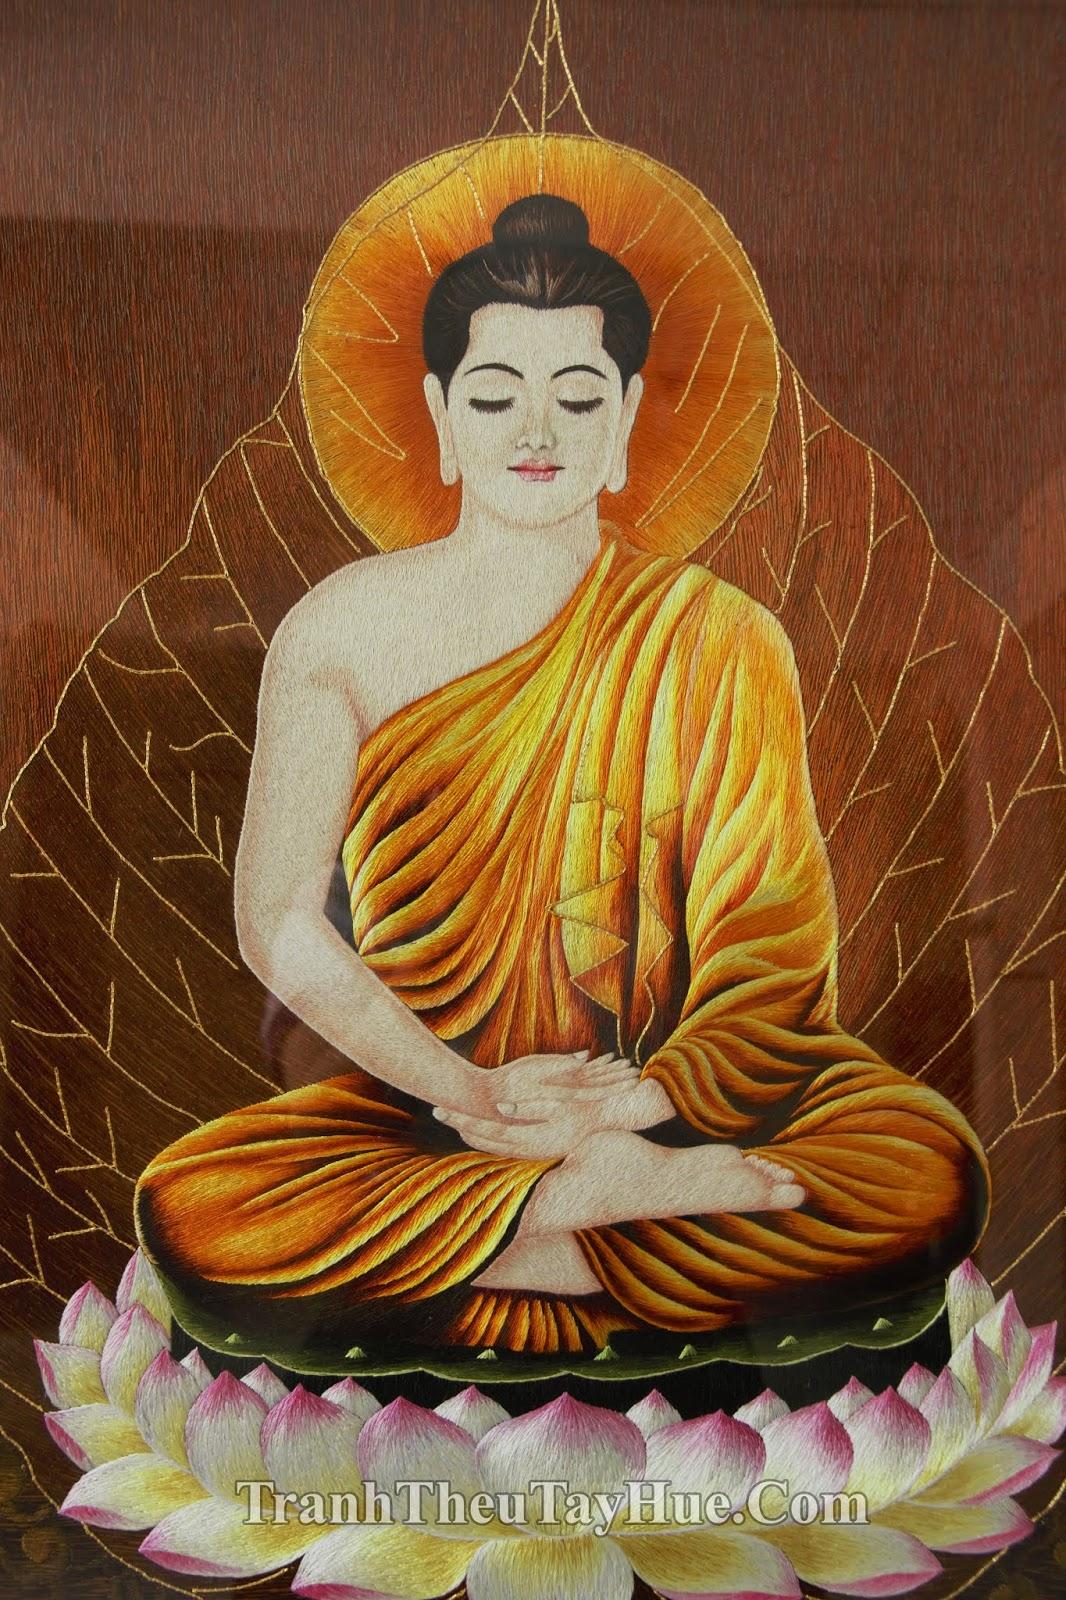 tranh thêu Đức Phật Thích Ca Mâu Ni